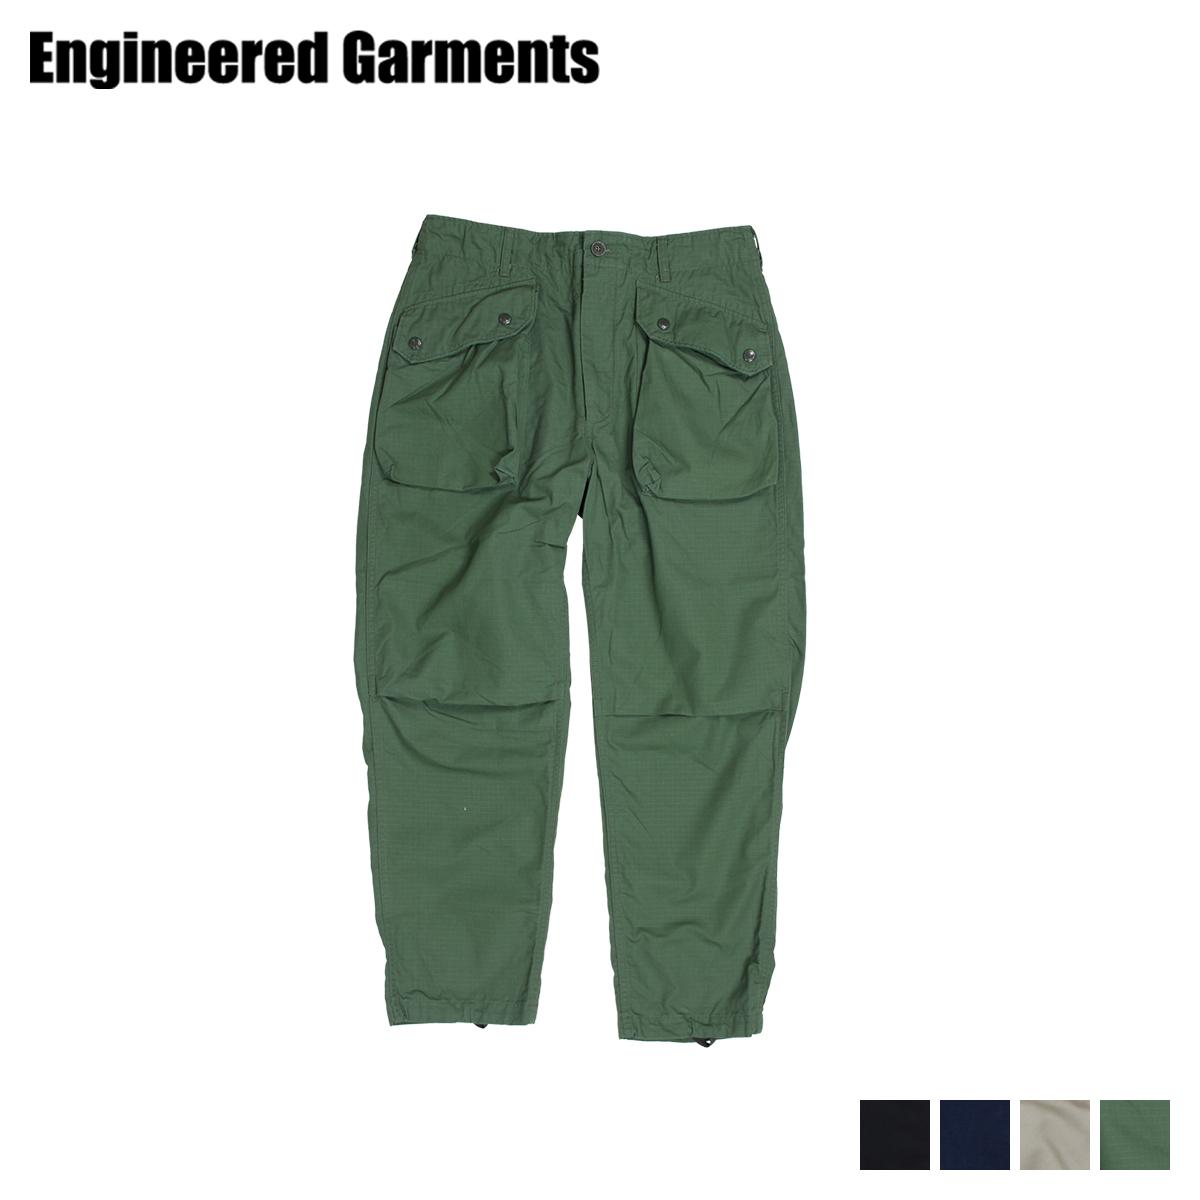 ENGINEERED GARMENTS エンジニアドガーメンツ パンツ カーゴパンツ メンズ NORWEGIAN PANT ブラック カーキ オリーブ 19SF007 [3/28 新入荷]